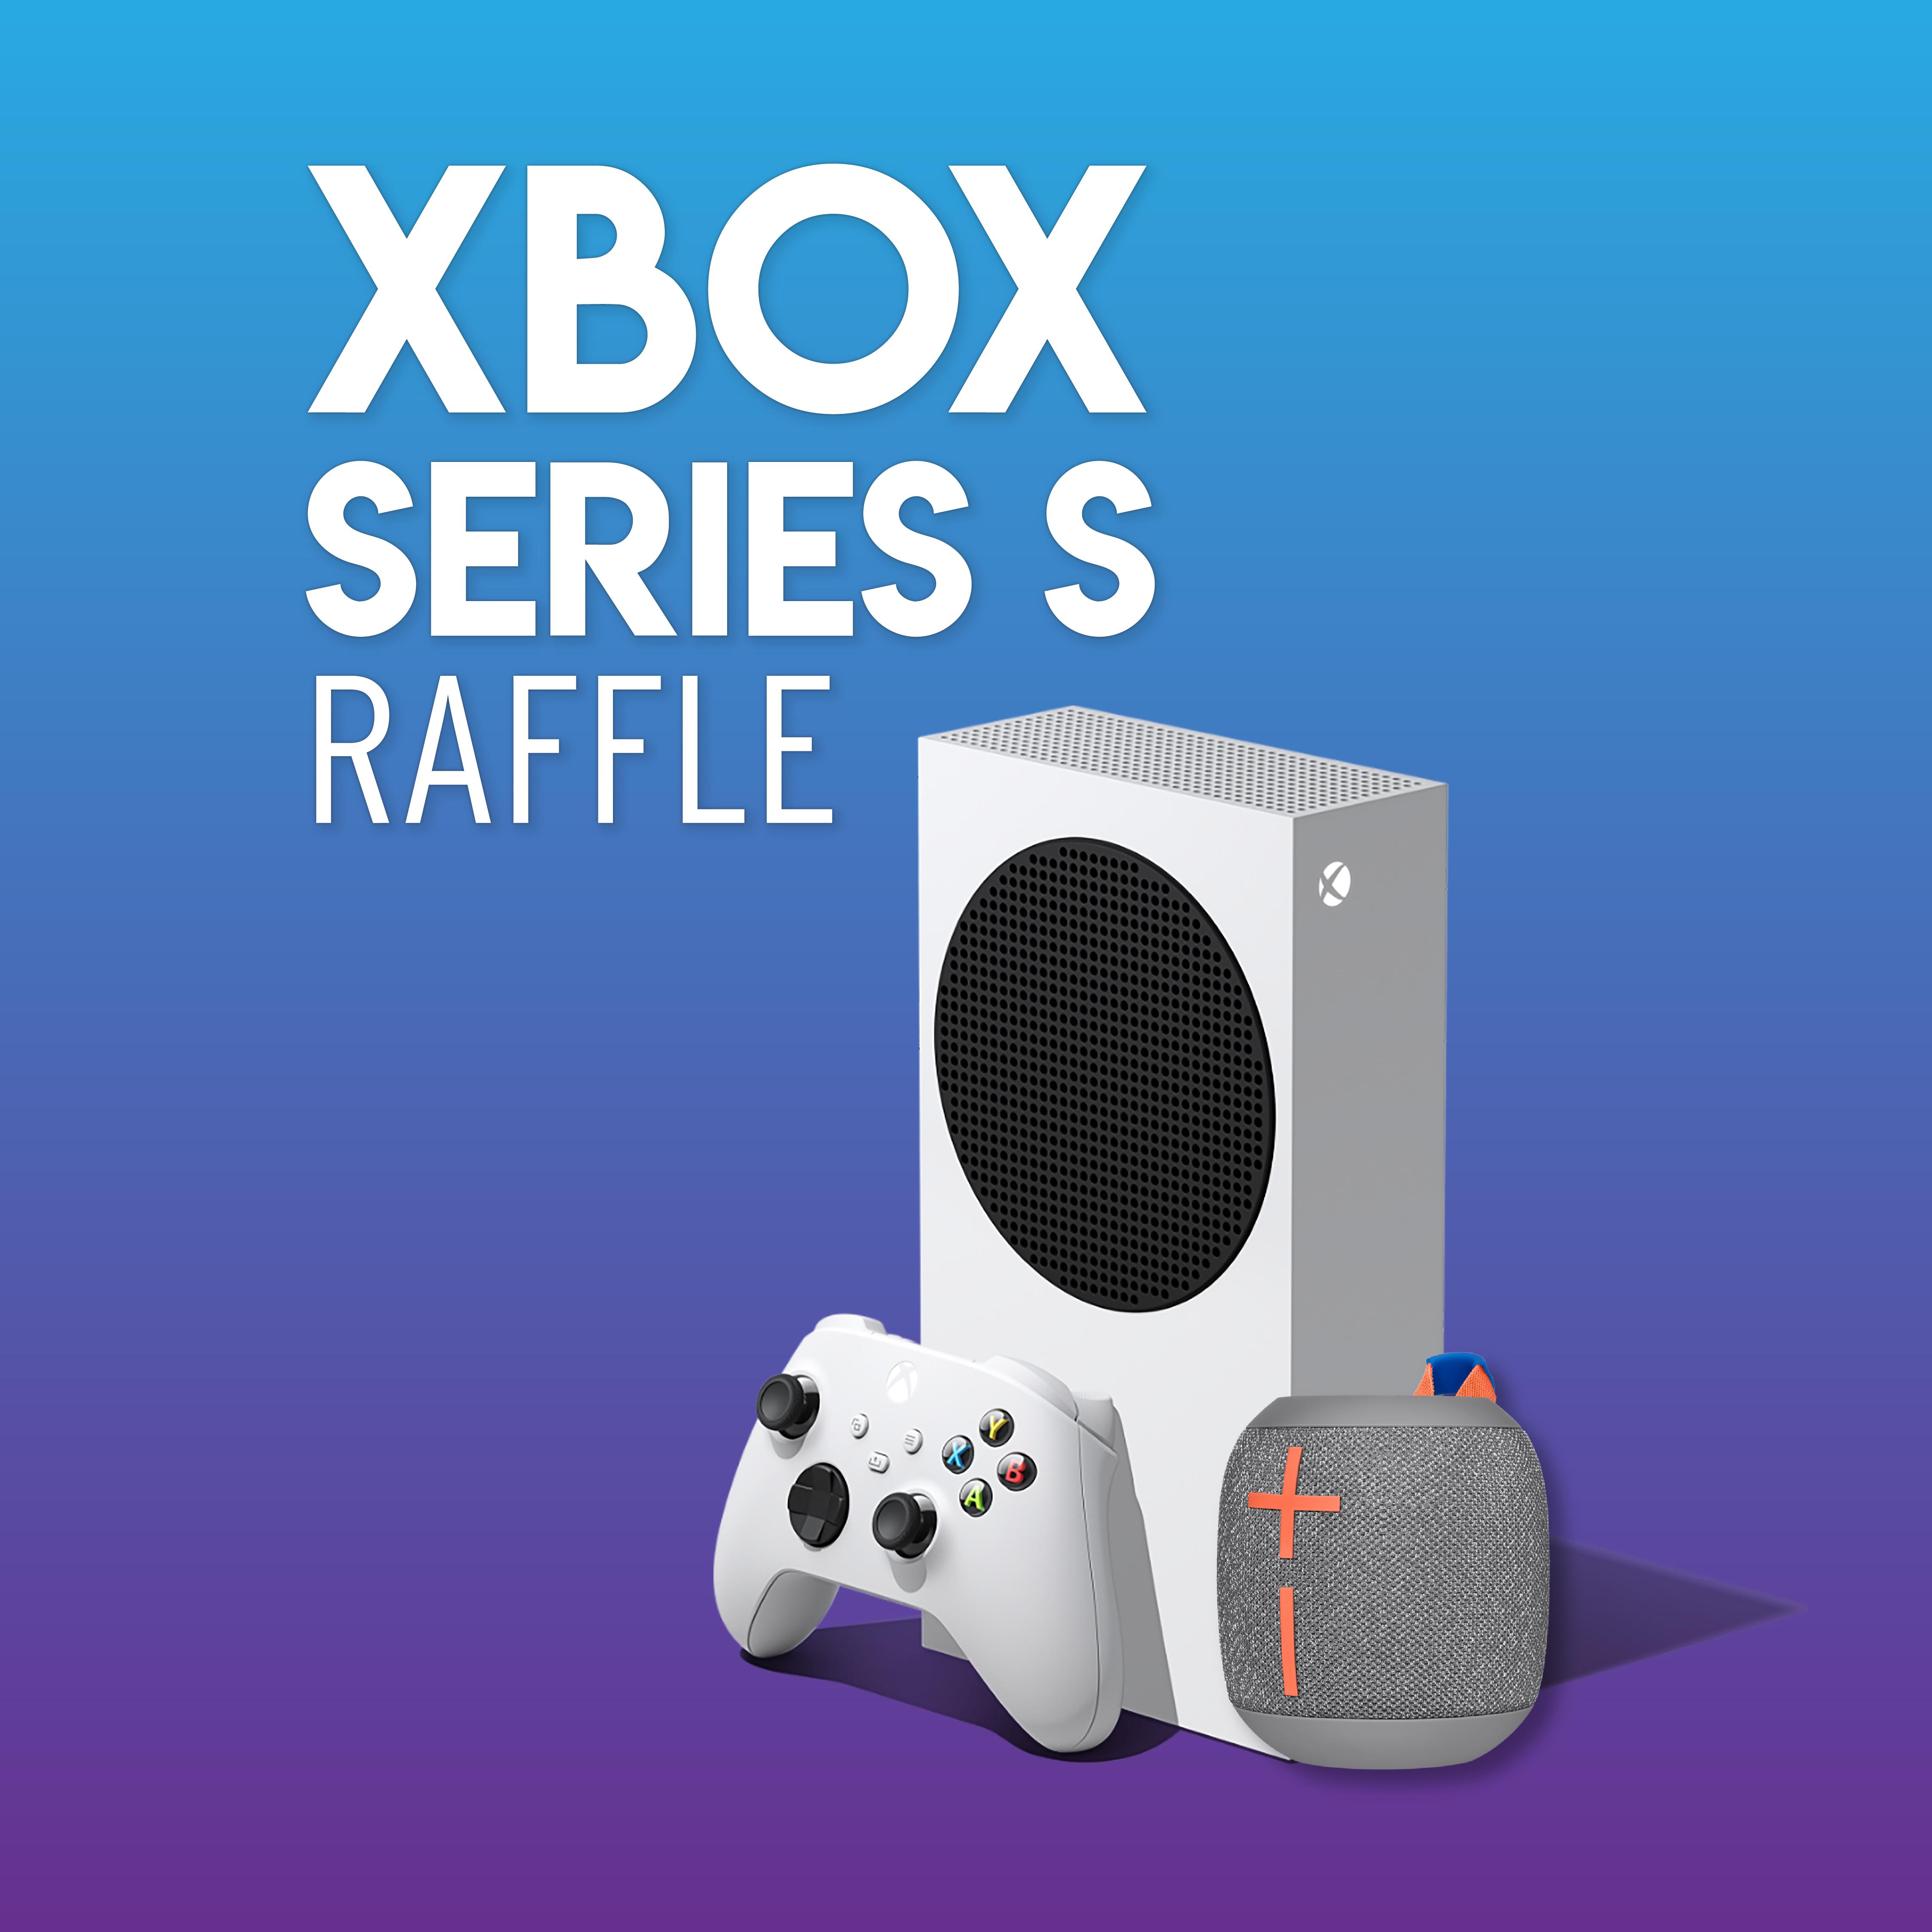 Xbox Series S Raffle